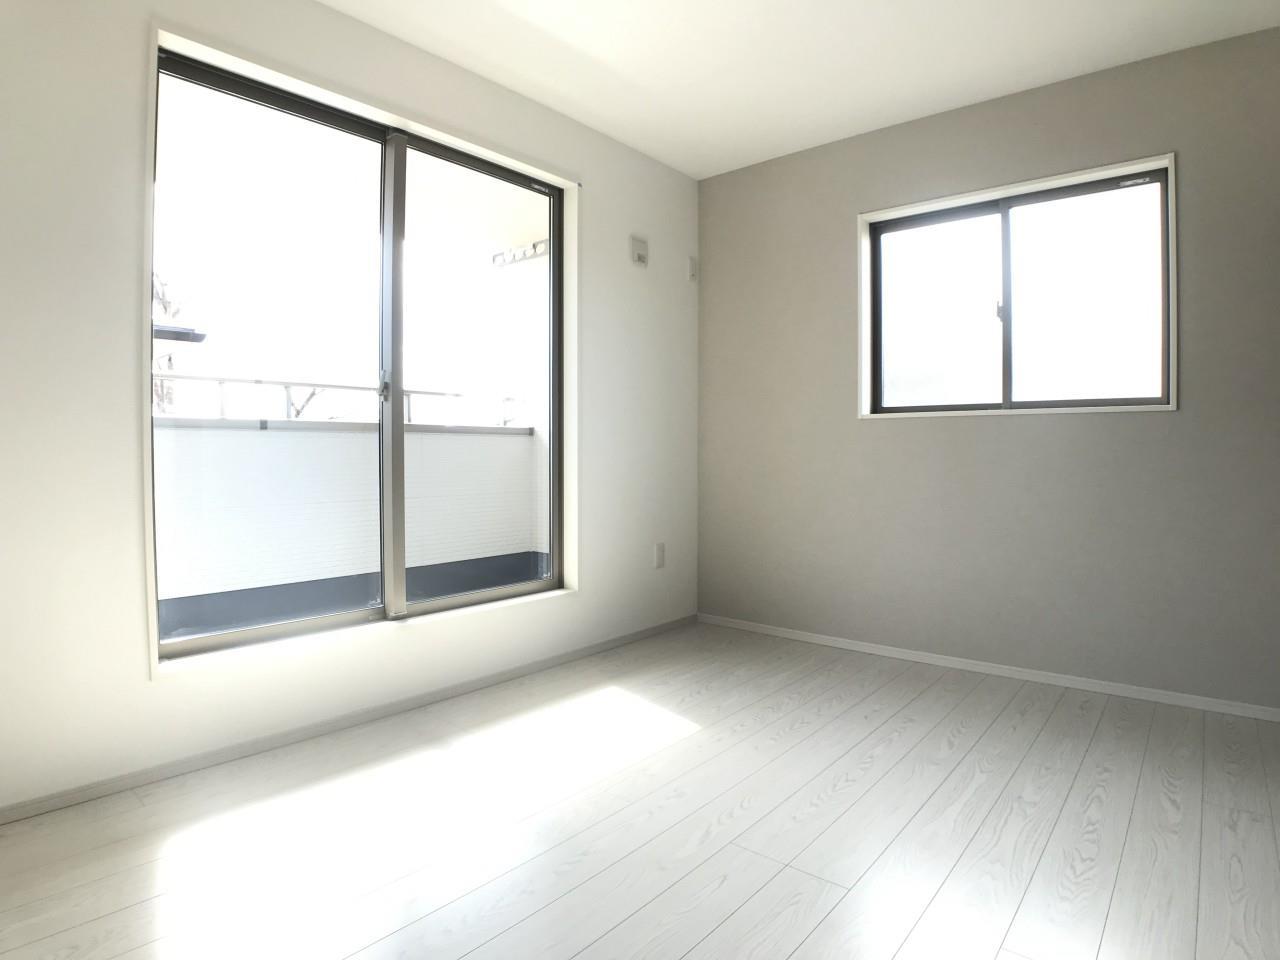 1号棟|シックなアクセントクロスがリラックス空間を彩る主寝室。広々としたバルコニーへアクセス出来ます。